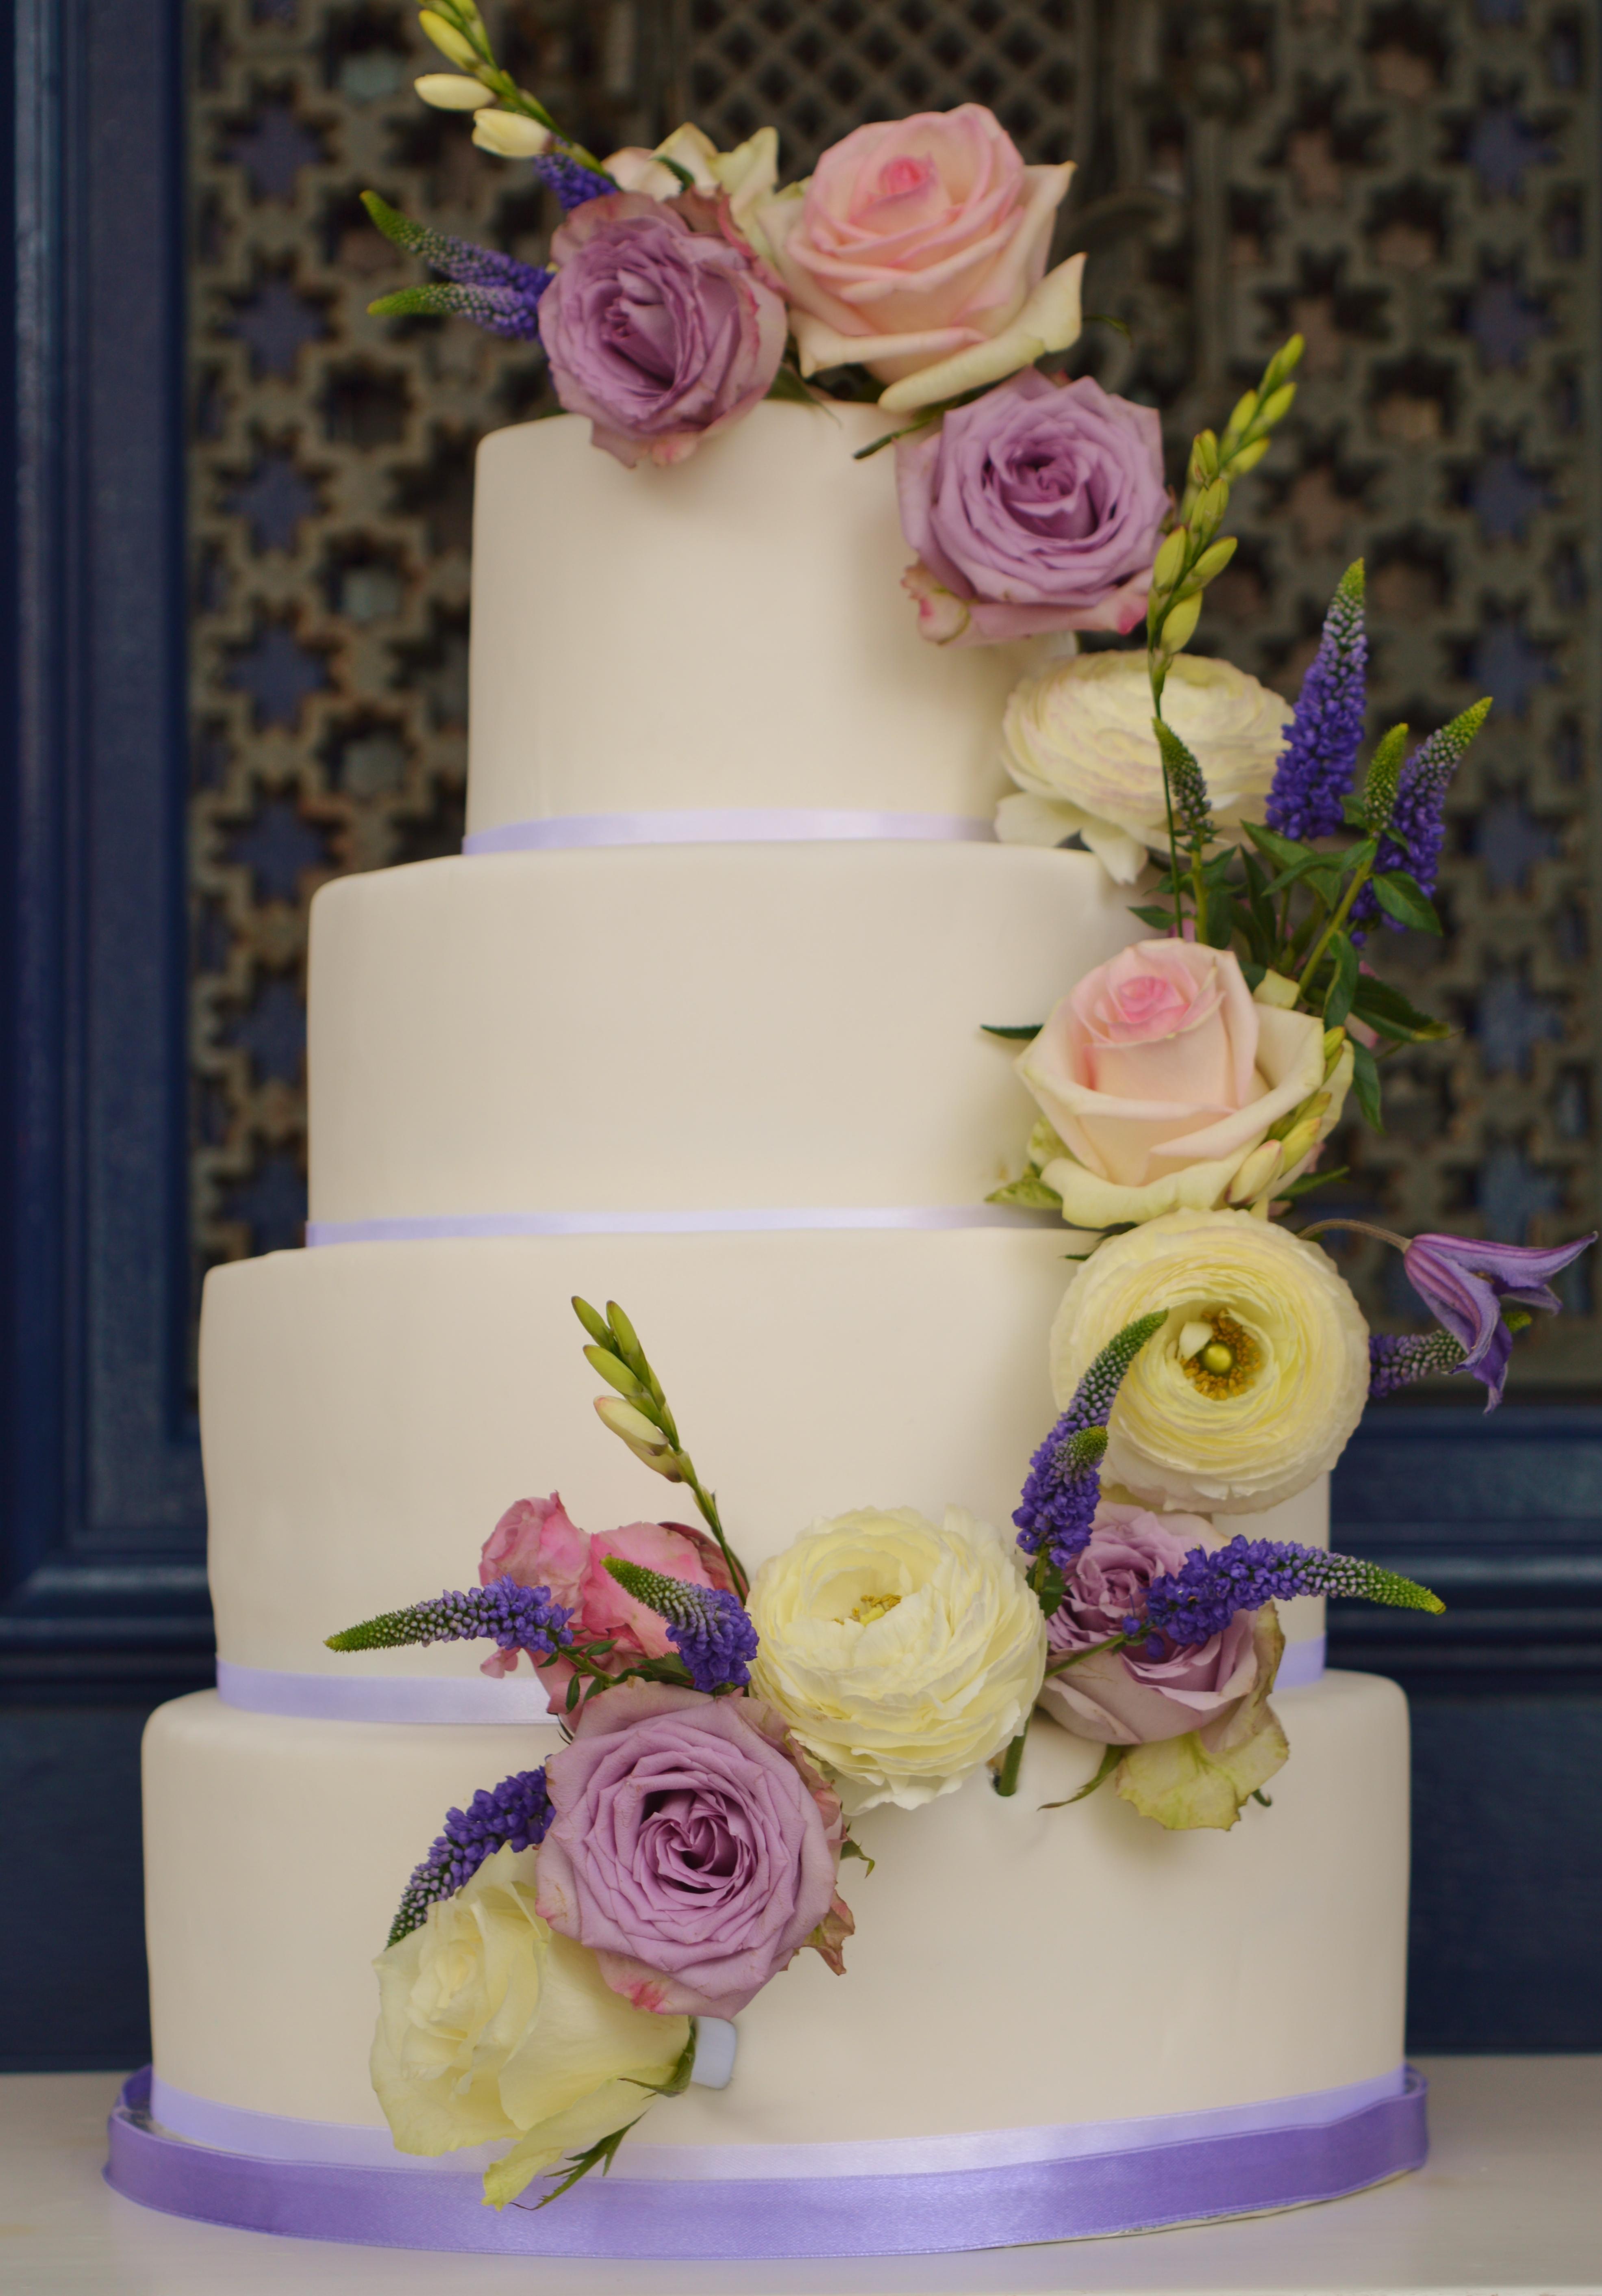 Verse bloemen bruidstaart, rozen trouwtaart Den Haag